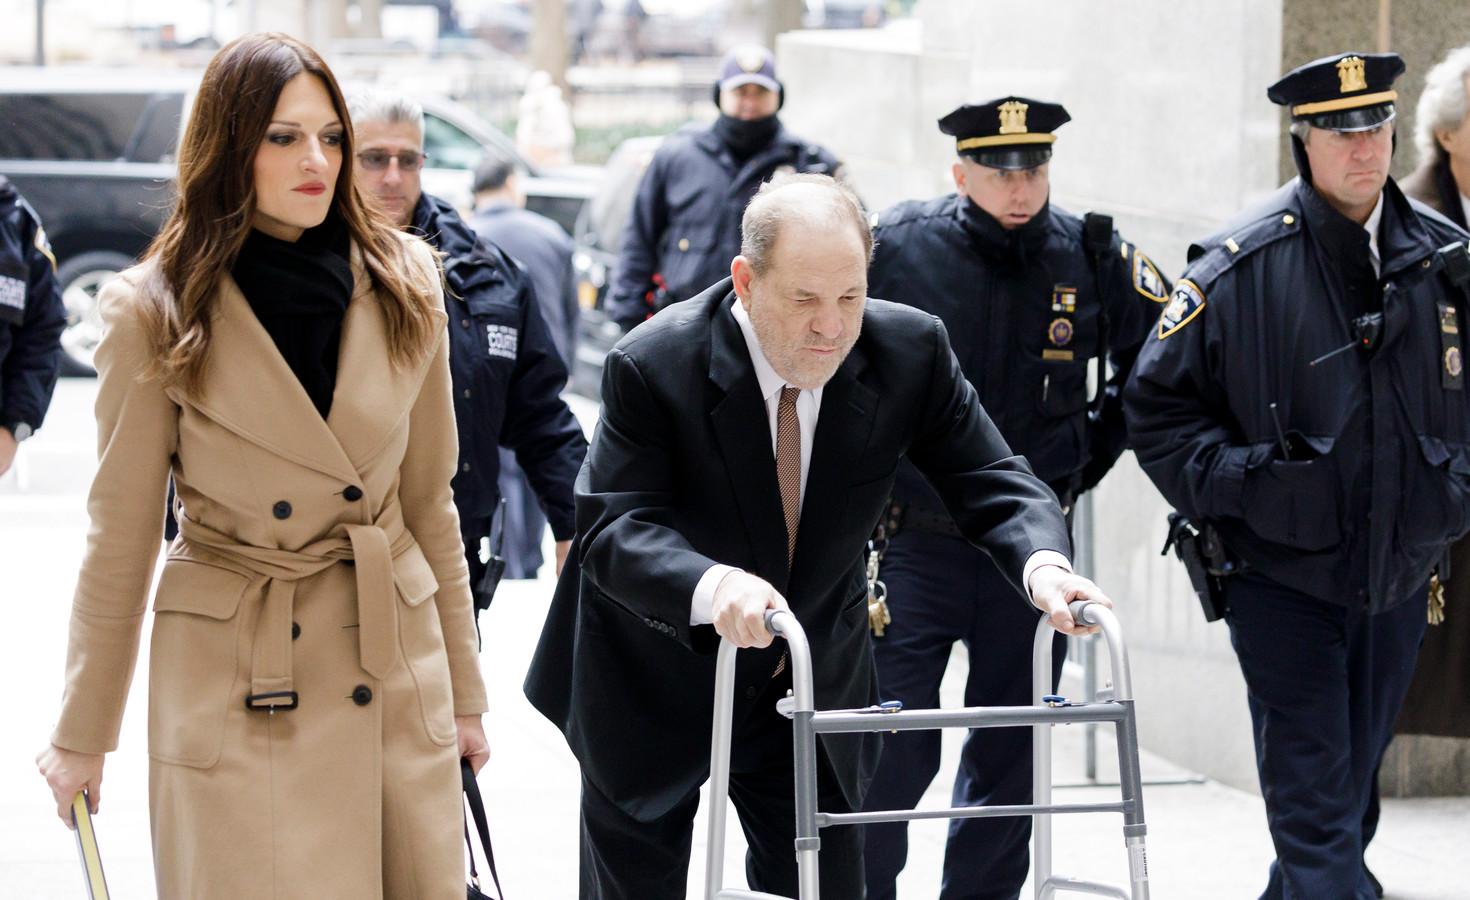 Donna Rotunno défend Harvey Weinstein devant la Cour suprême de l'État de New York.